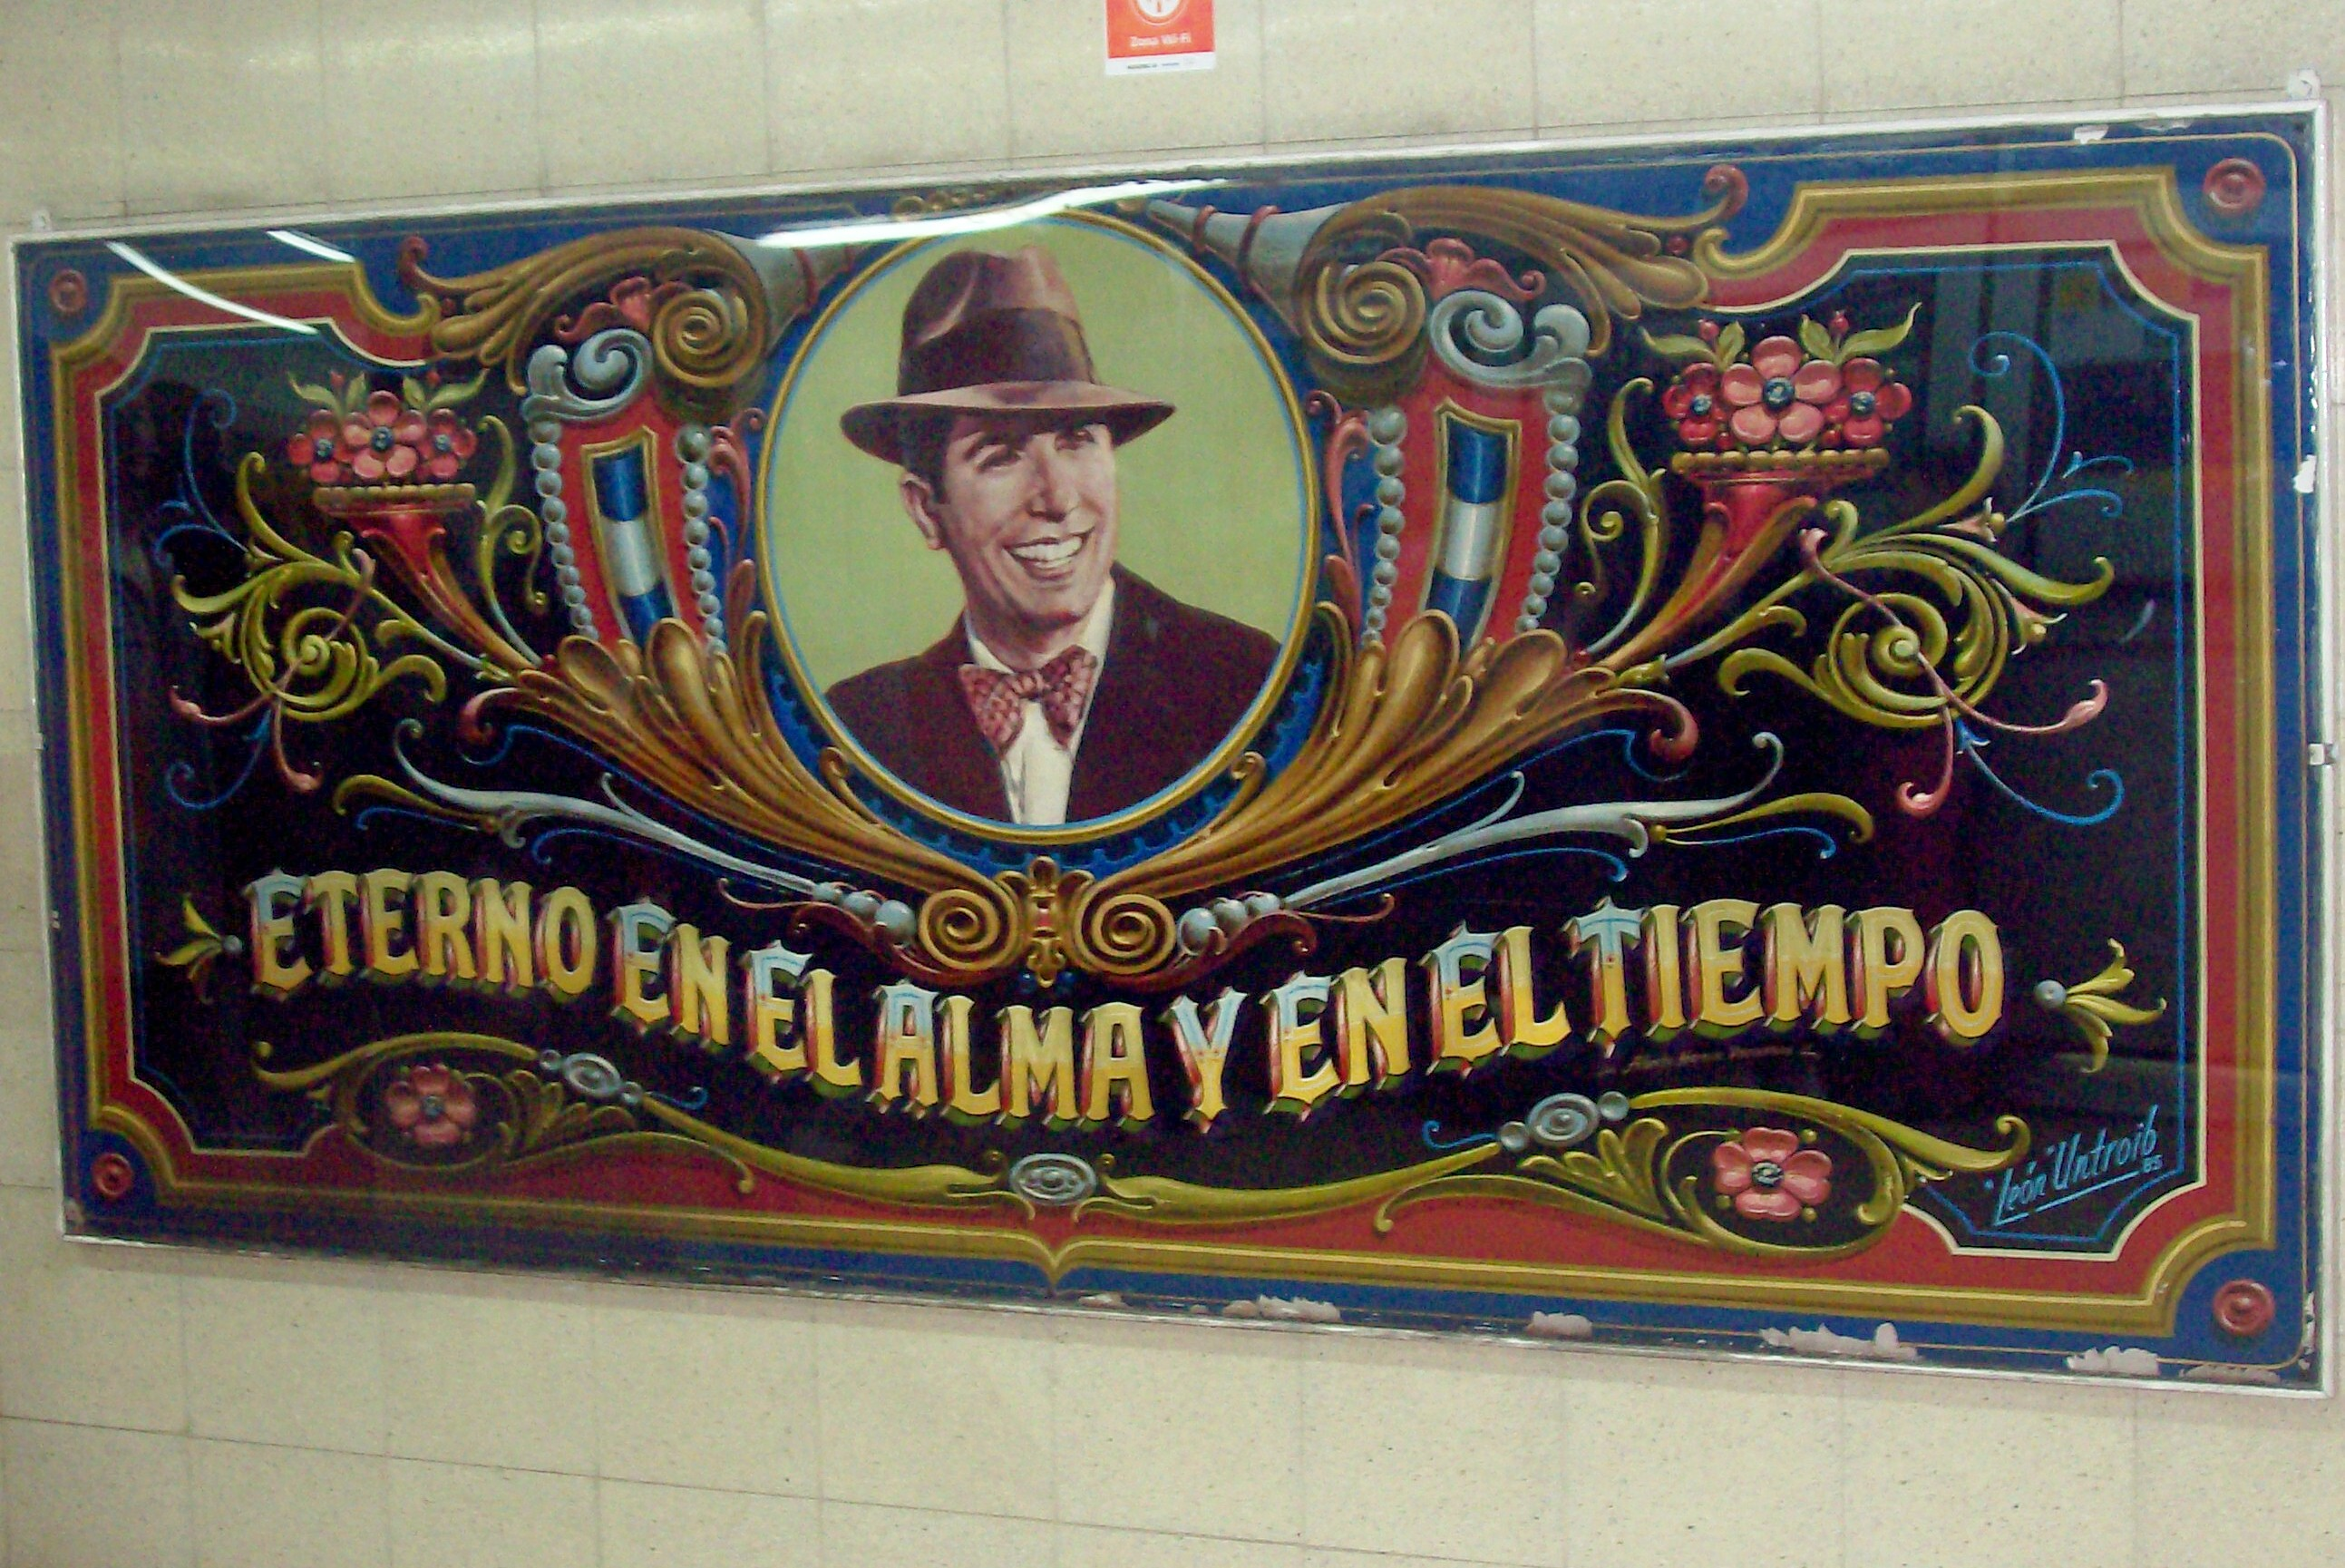 Retrato de Carlos Gardel en la estación de subterráneo Carlos Gardel, que recibió su nombre en su honor, obra del fileteador León Untroib.